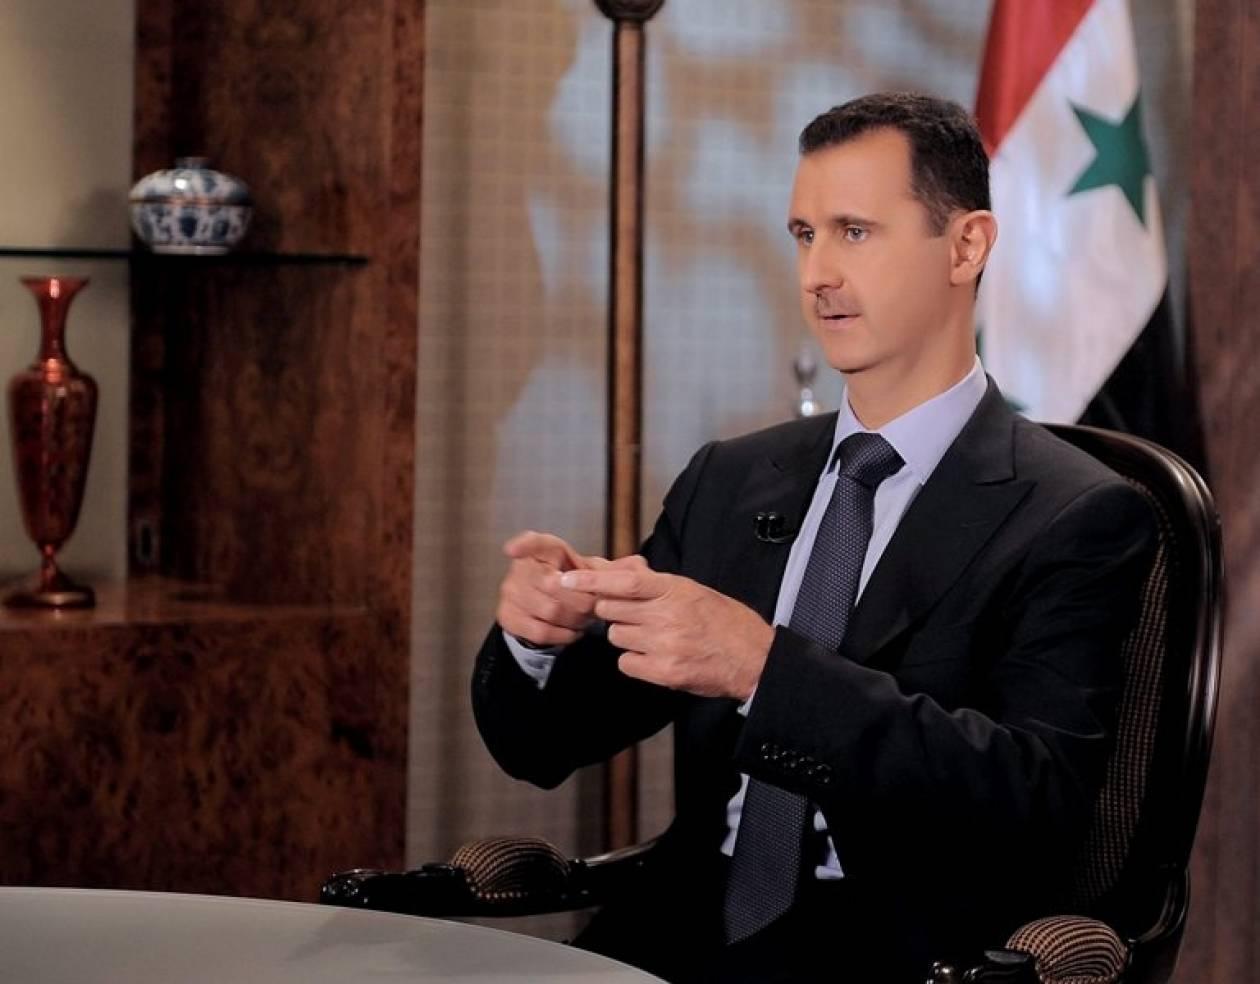 Δεν απάντησε στο τελεσίγραφο η Συρία